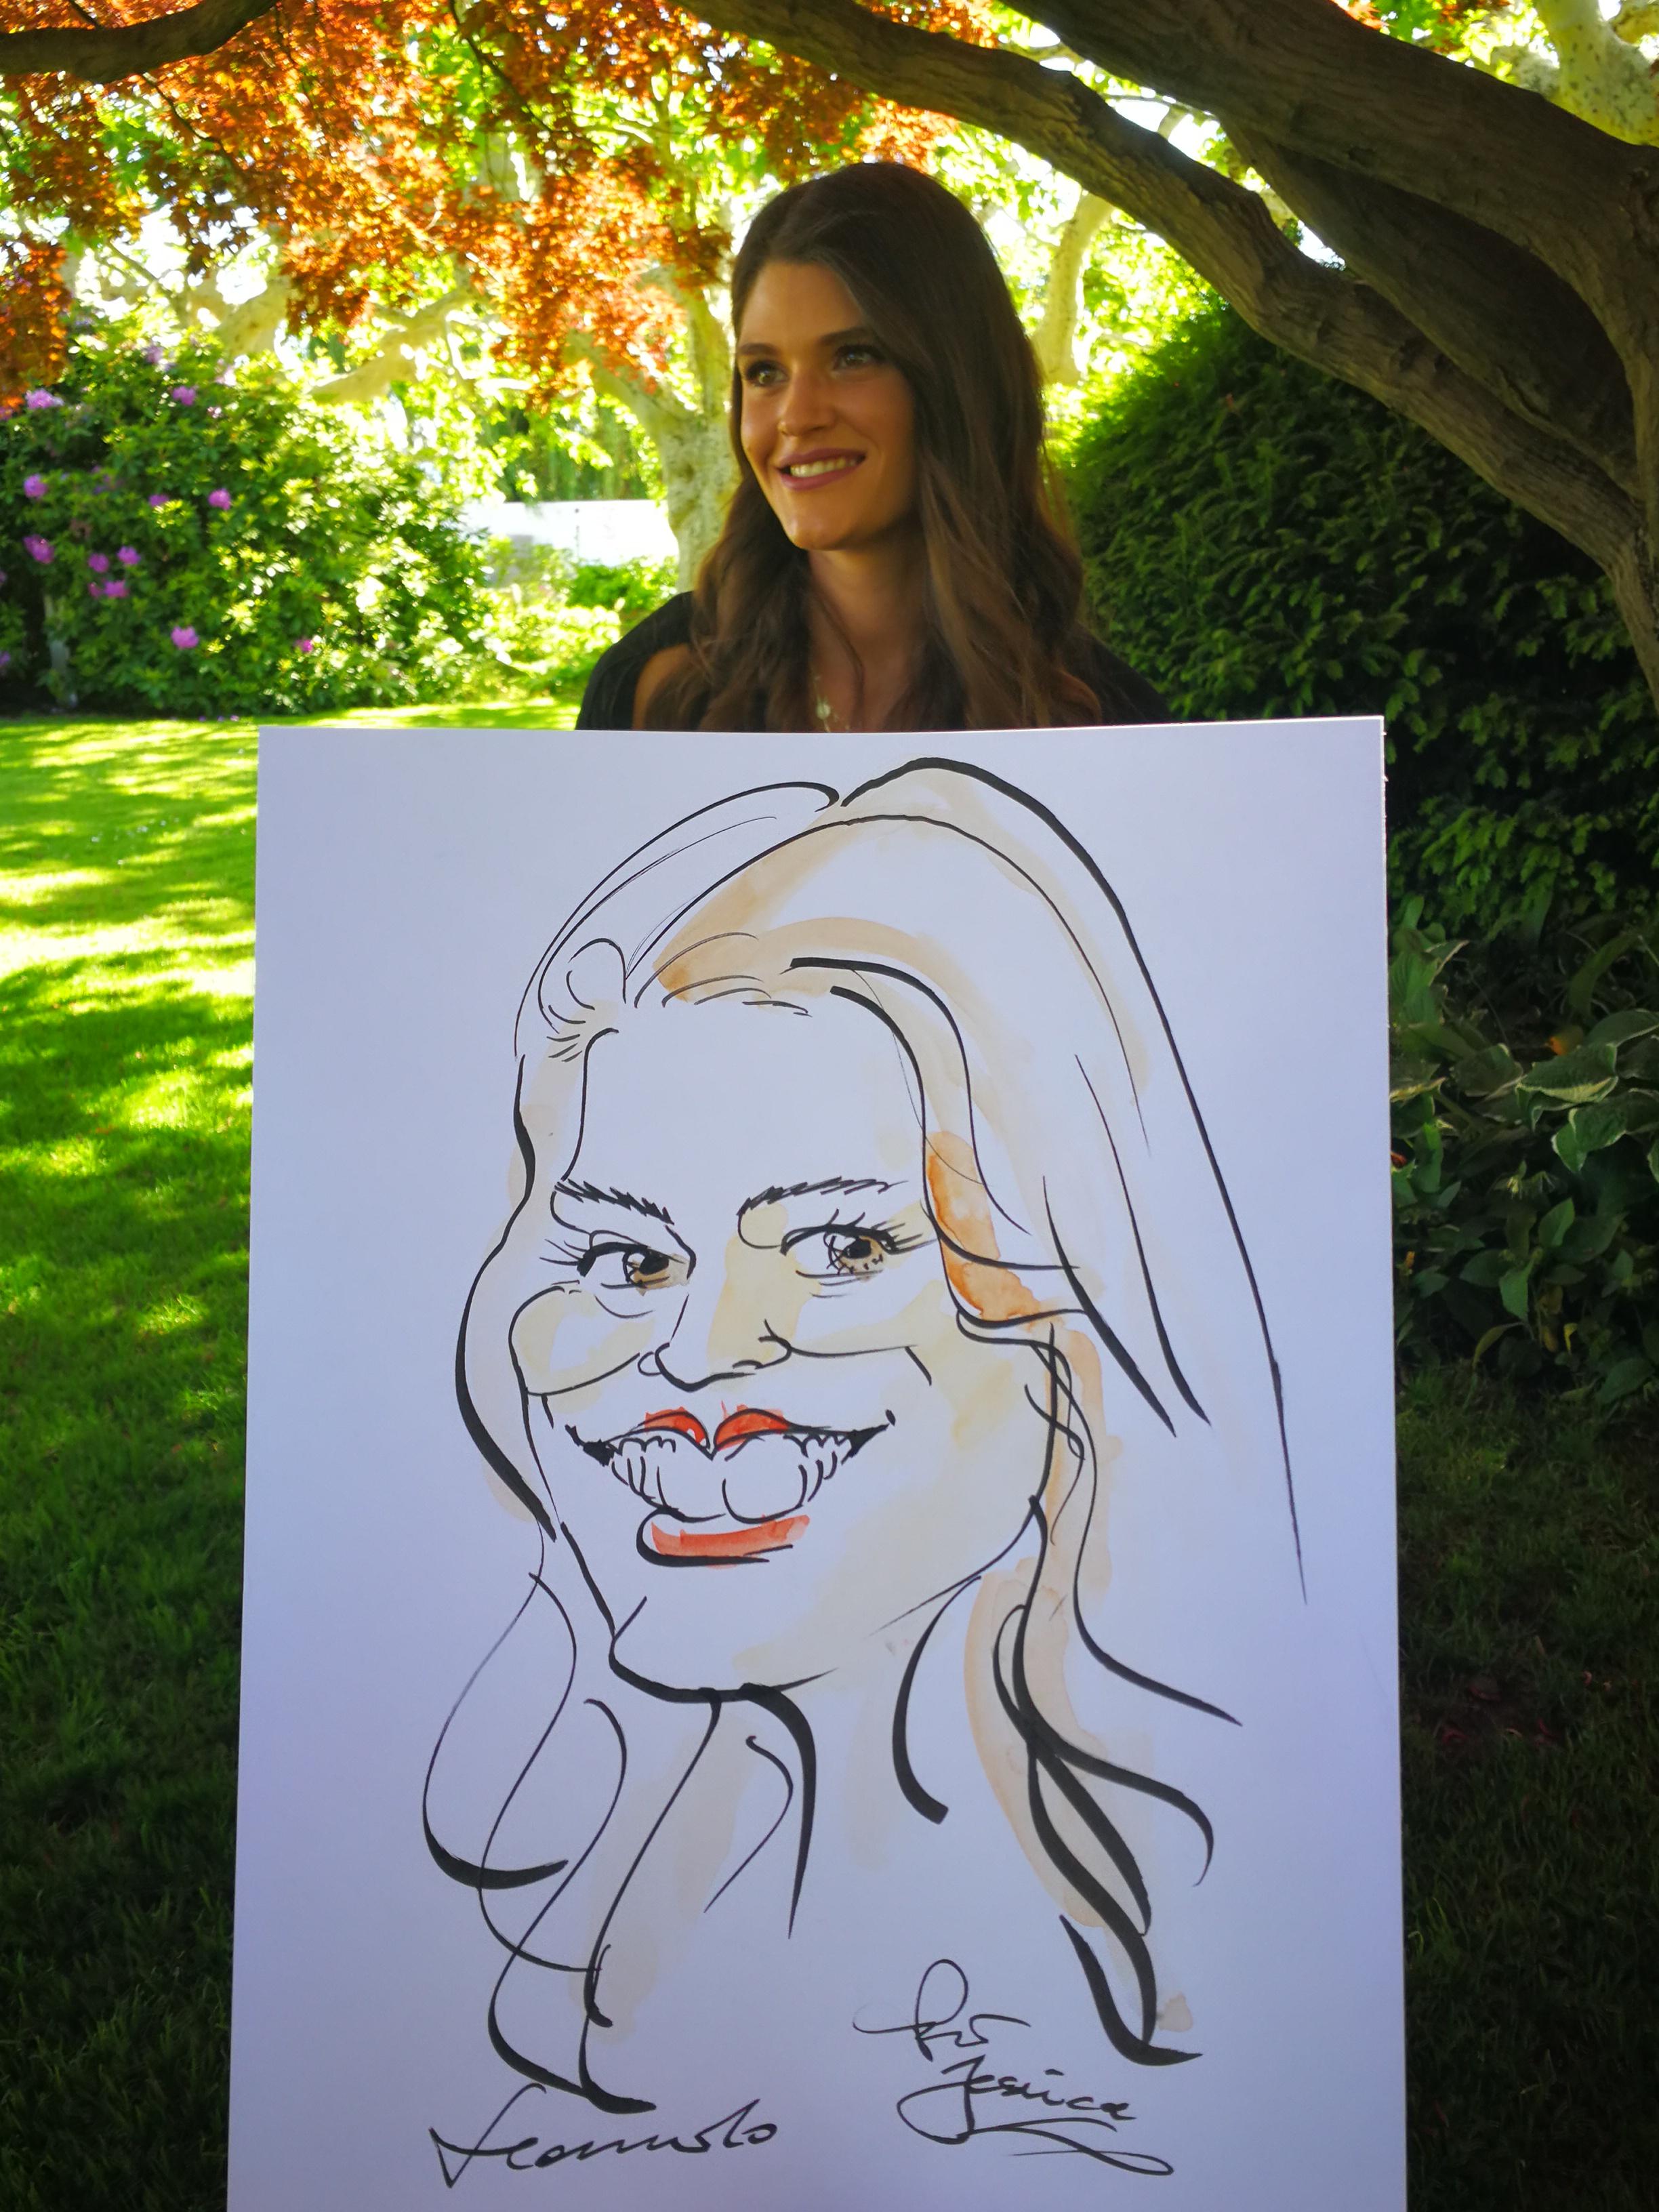 Hochzeit Karikaturist Portraitzeichner Schnellzeichner Hotel Baur au Lac Zürich